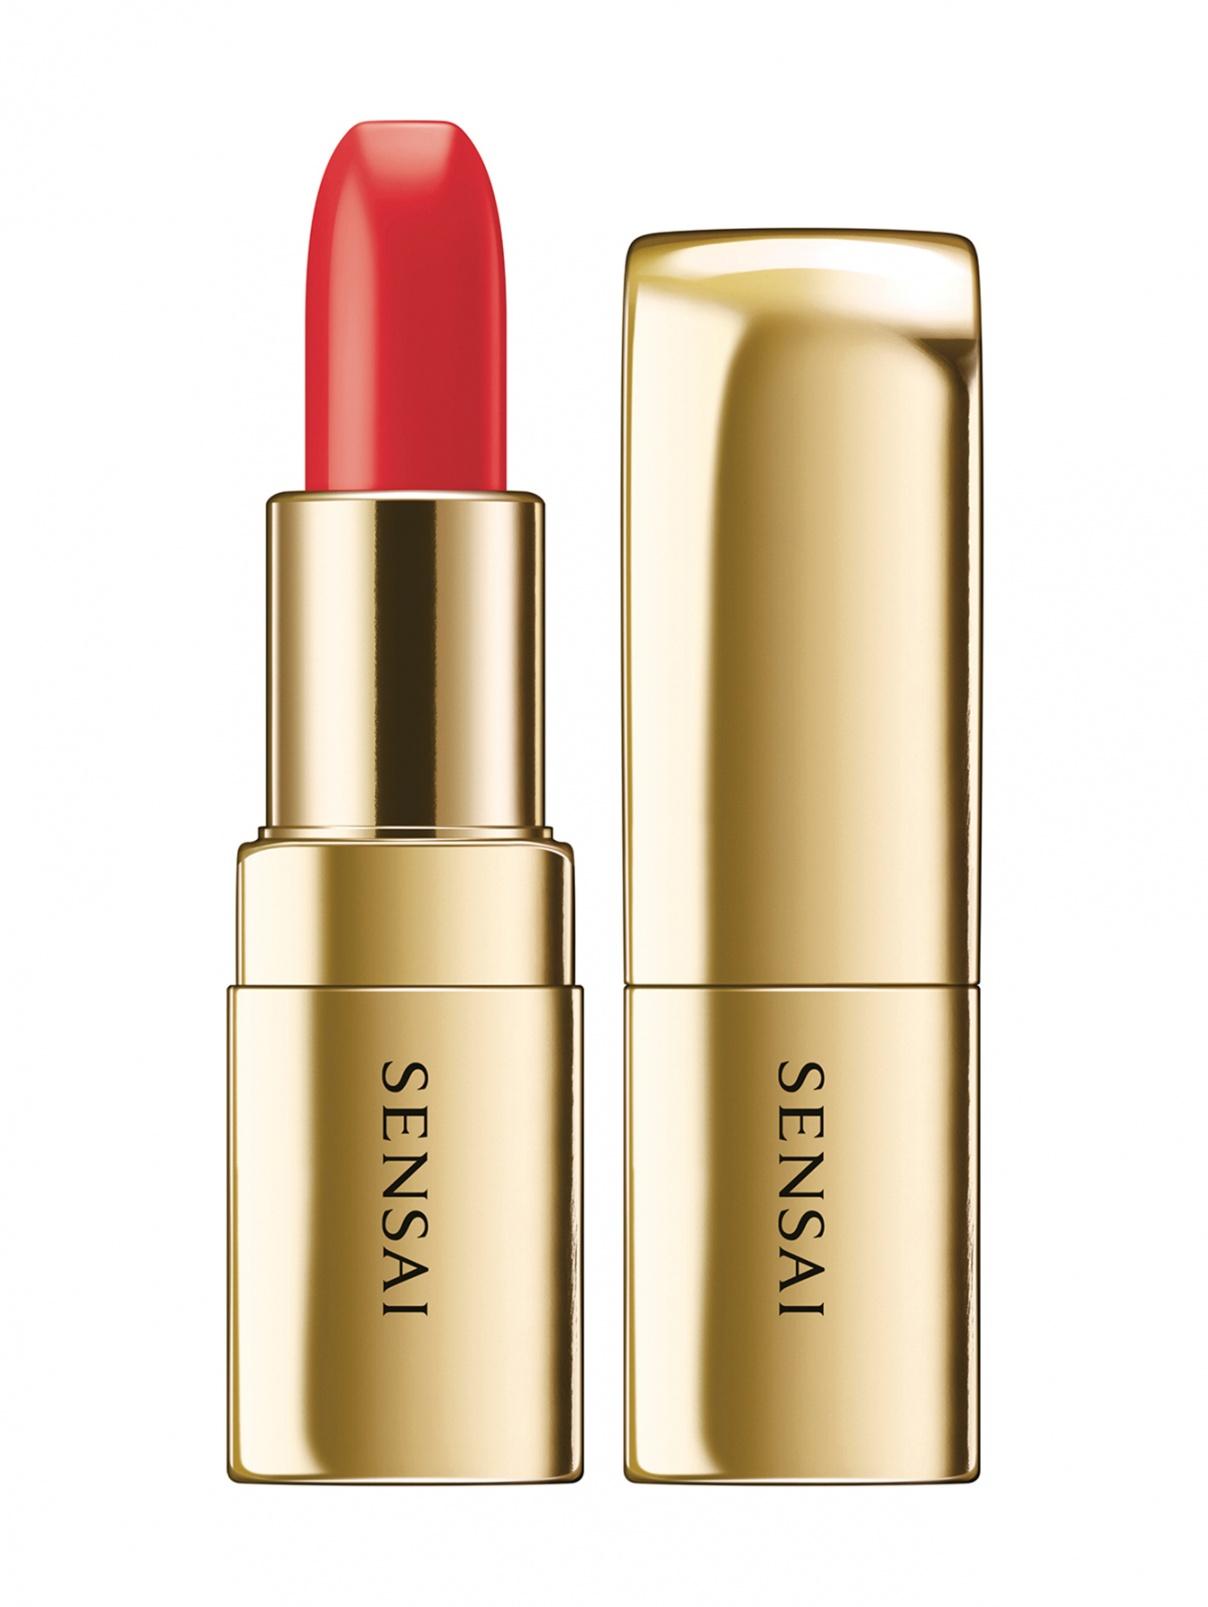 Помада The Lipstick оттенок - 05 HIMAWARI ORANGE Makeup Sensai  –  Общий вид